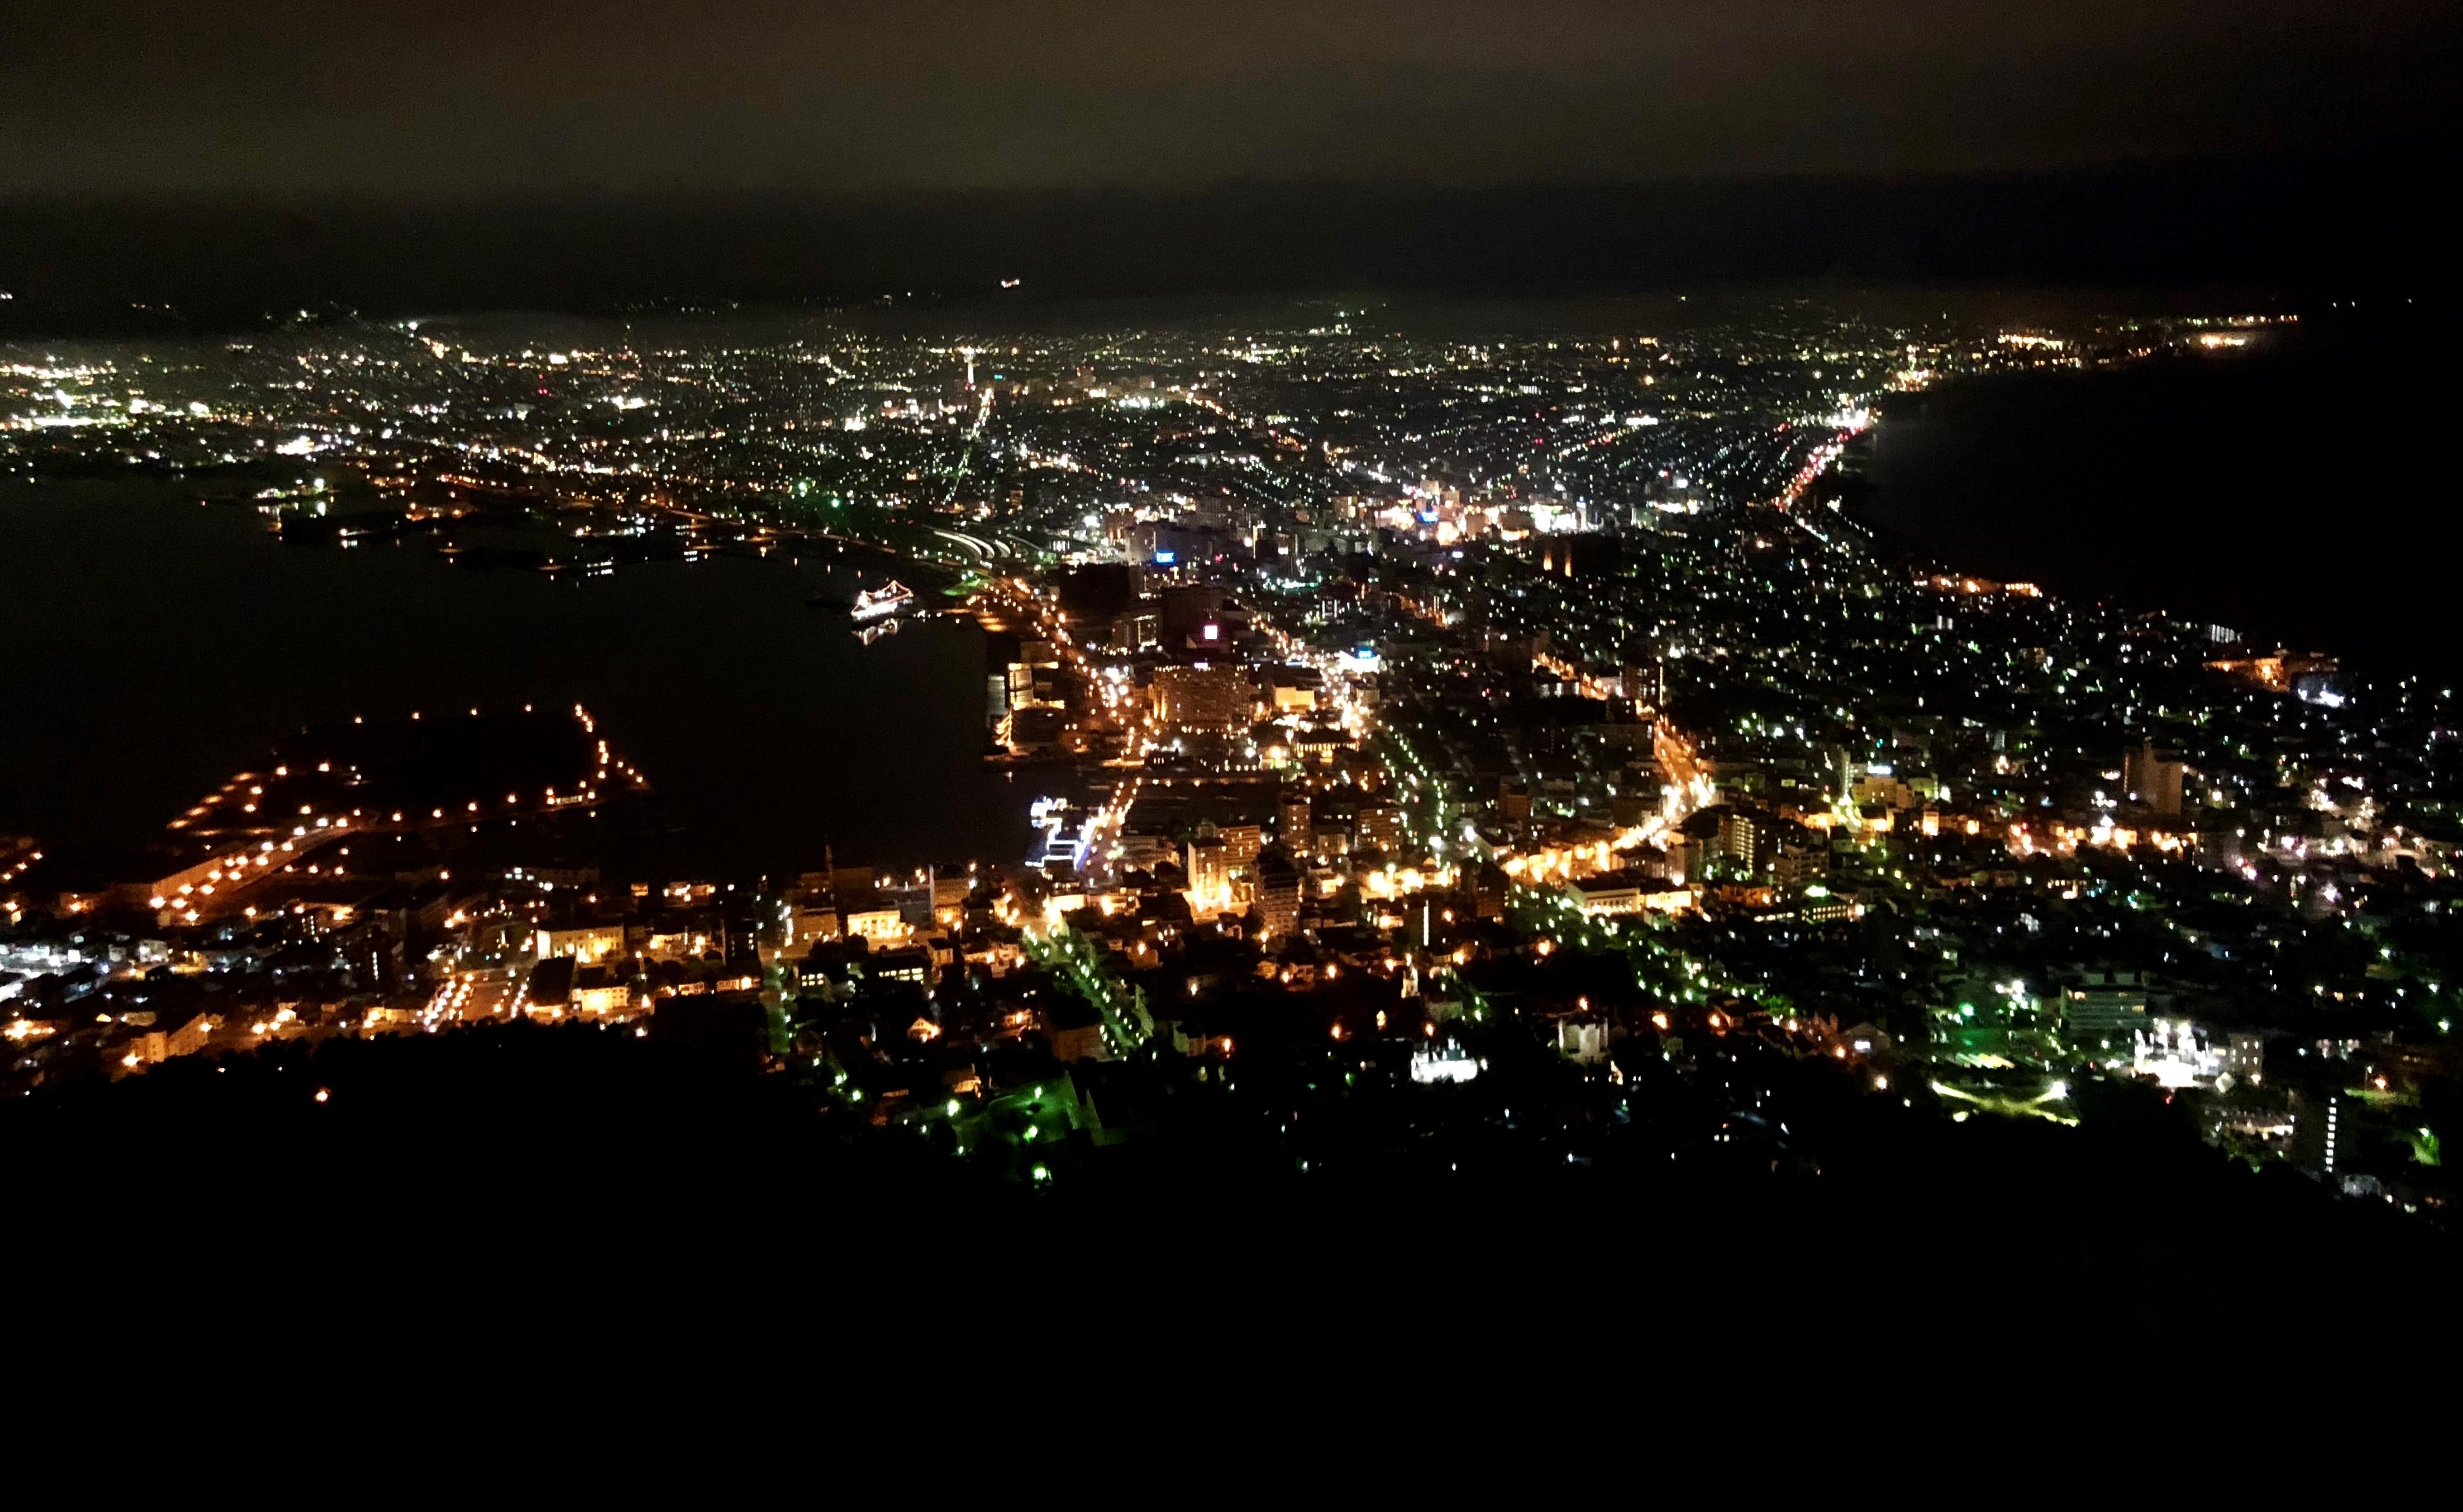 函館旅行1泊2日のフォトジェニック旅☆車なしでもOKなおすすめプランとおすすめホテルをご紹介します!【前編】